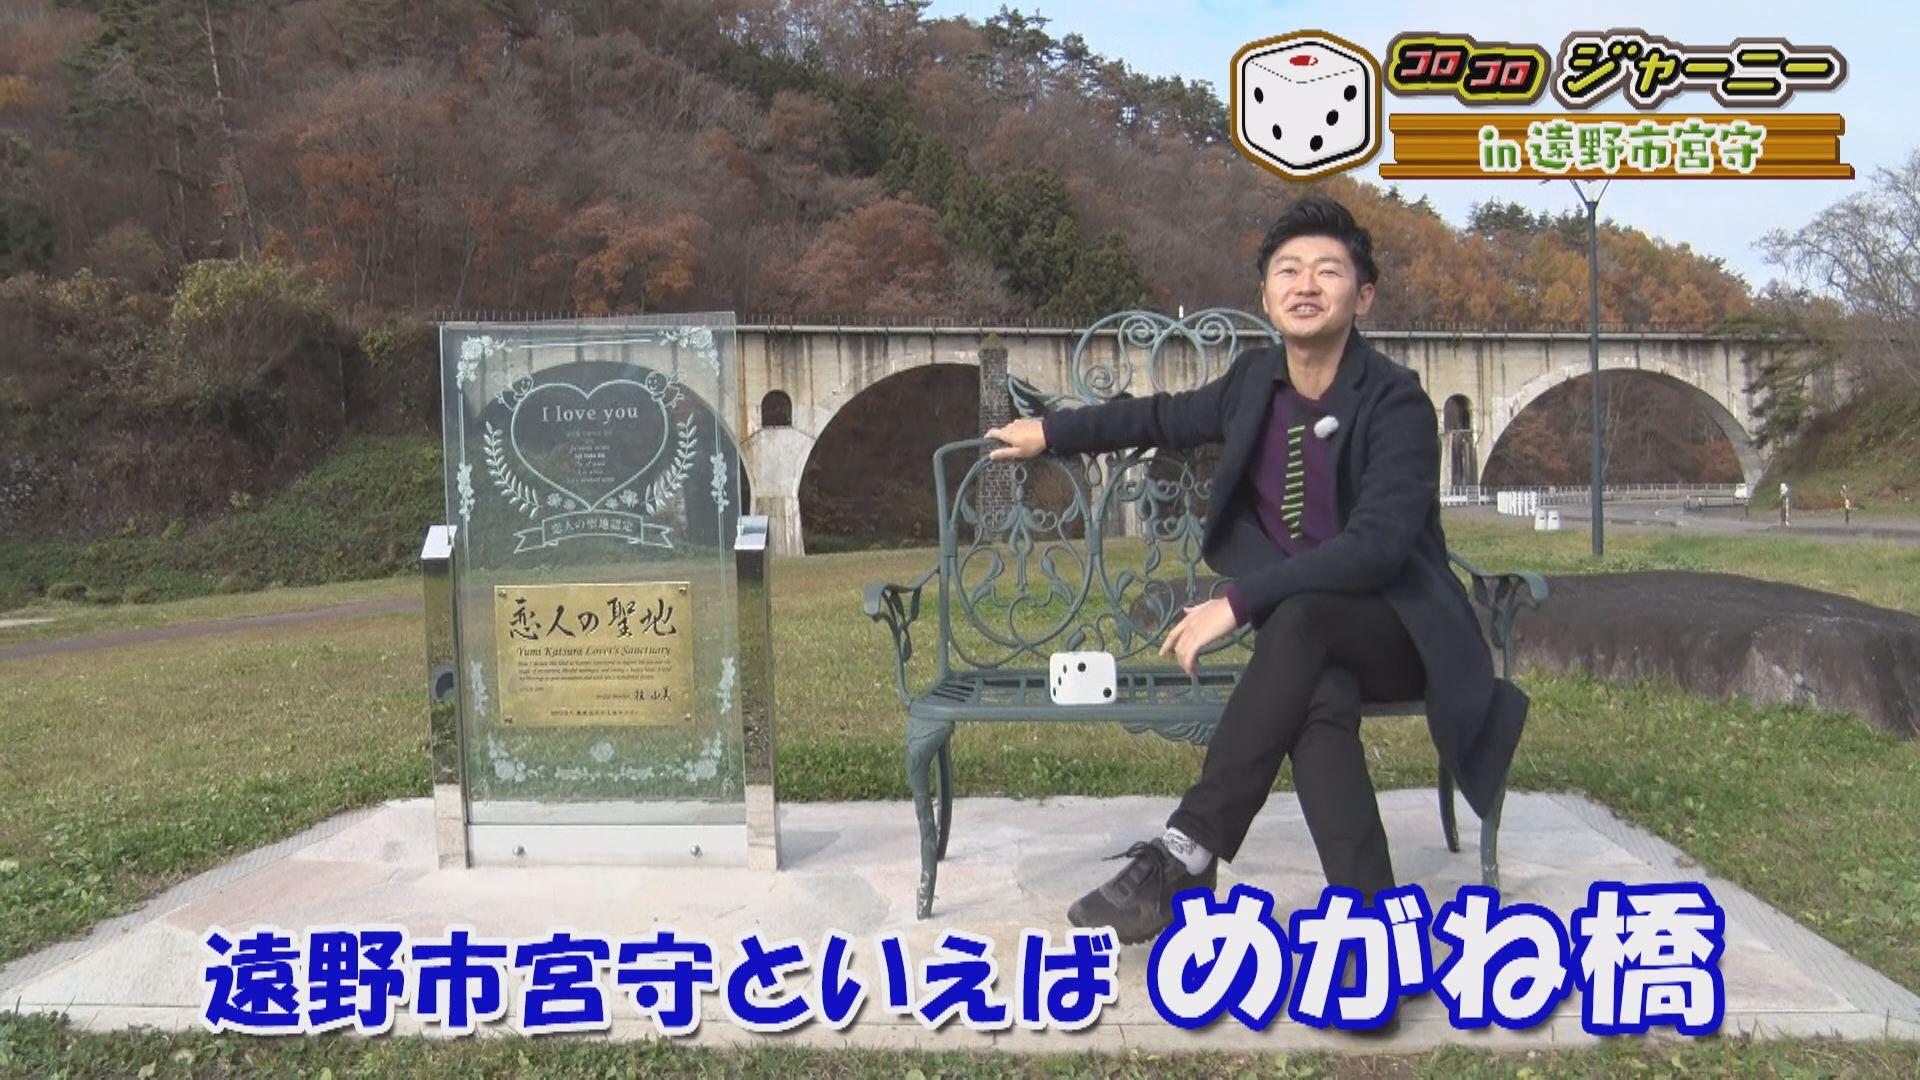 コロコロジャーニー in遠野市宮守